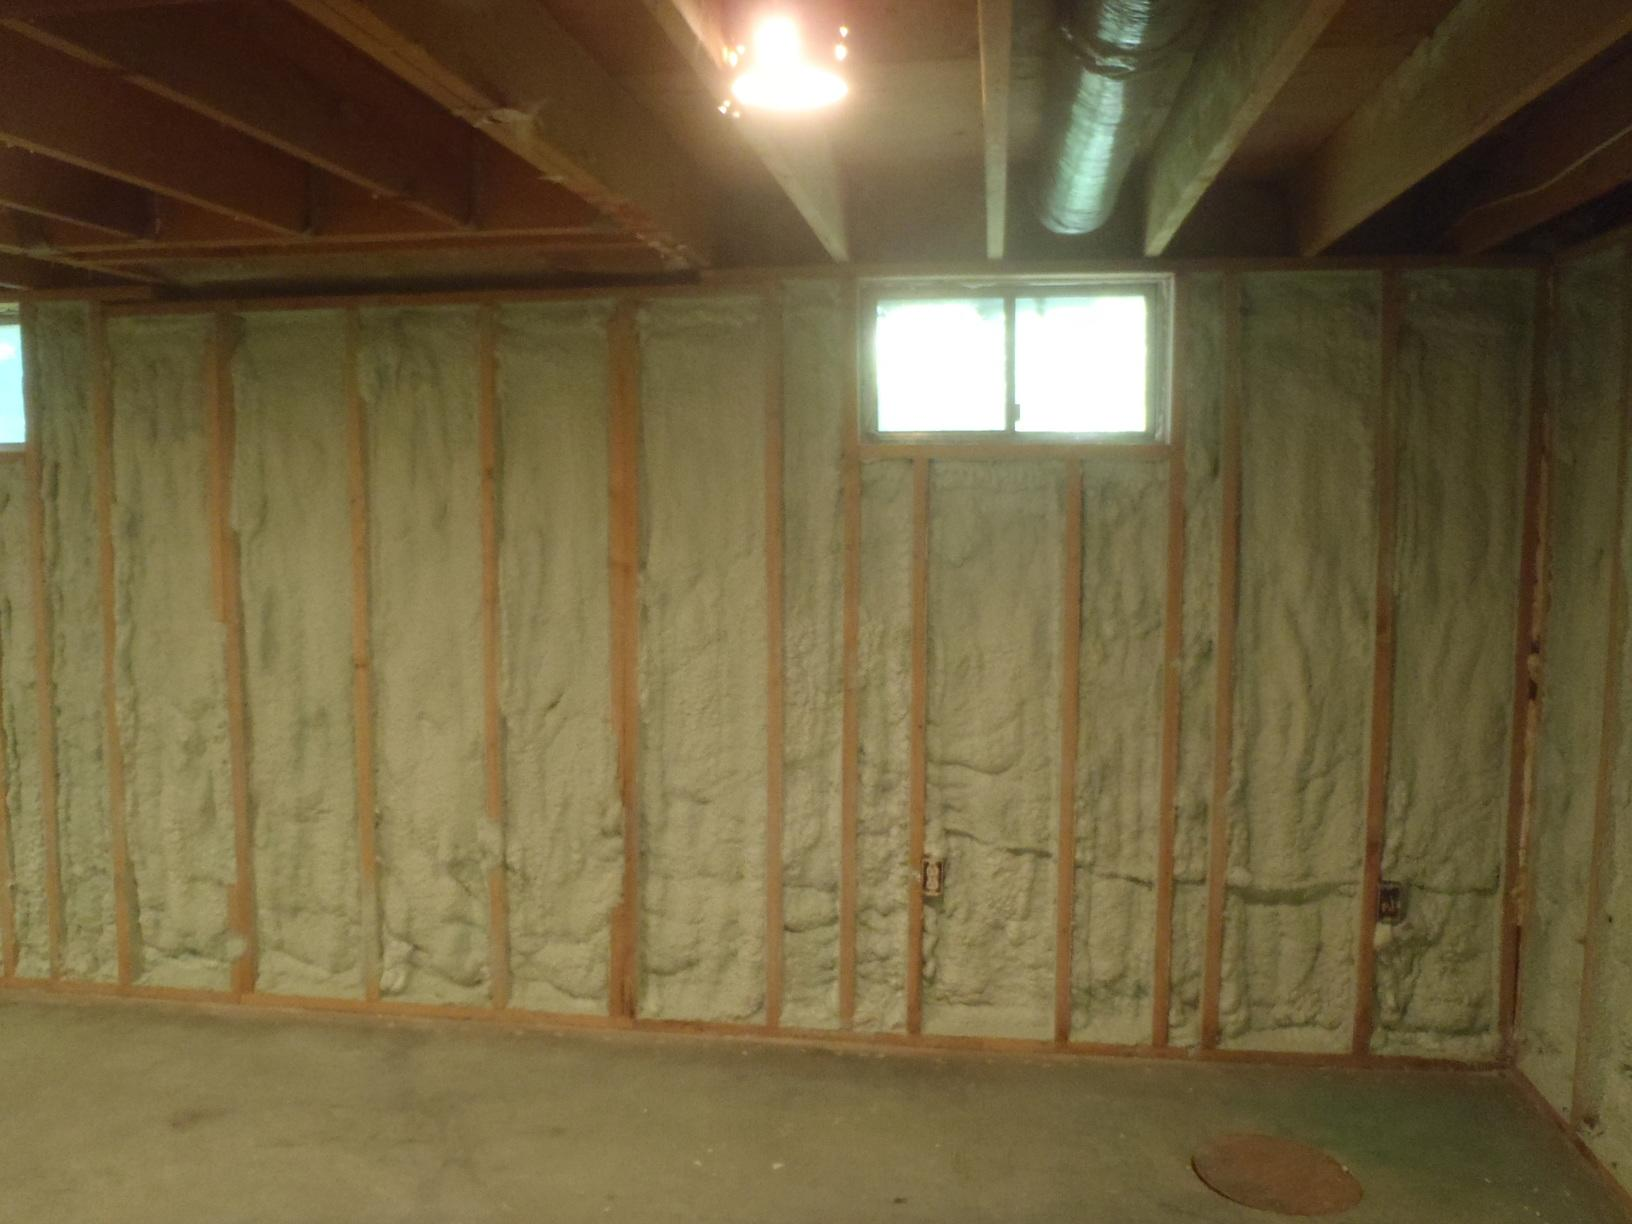 Spray Foam Insulation Installation in a Newark, DE Basement - After Photo